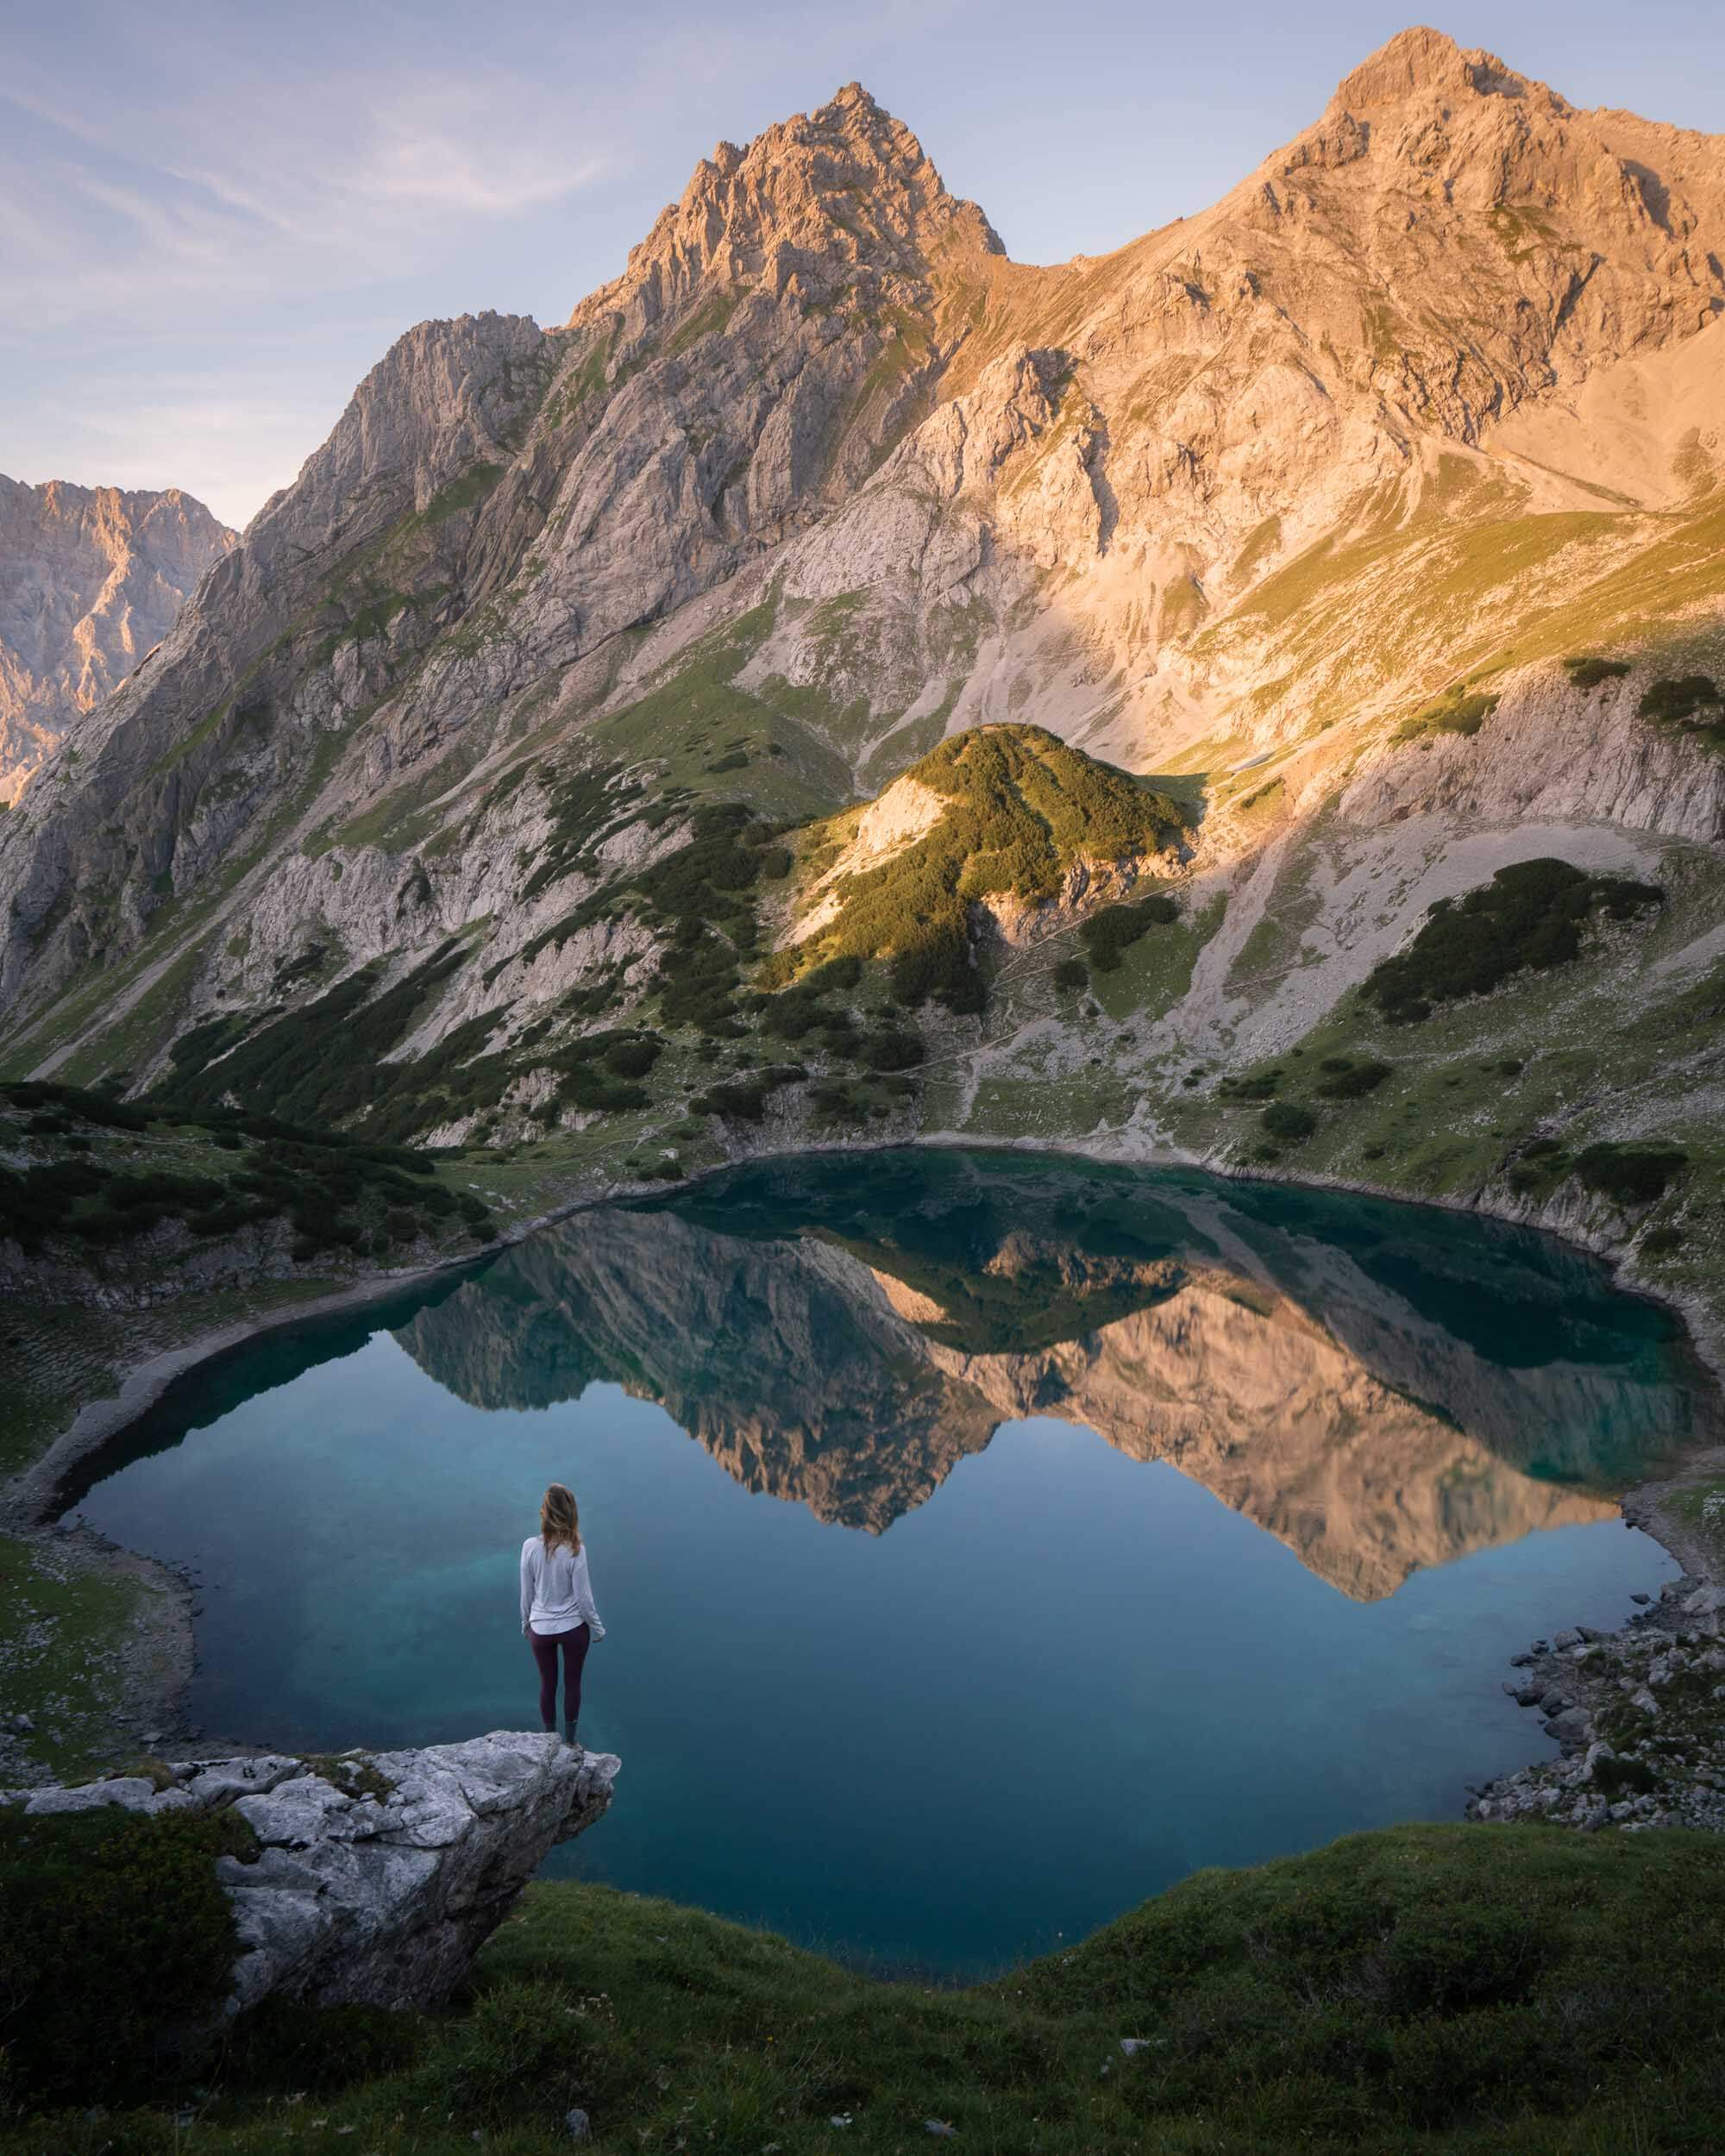 Drachansee Lake in Austria